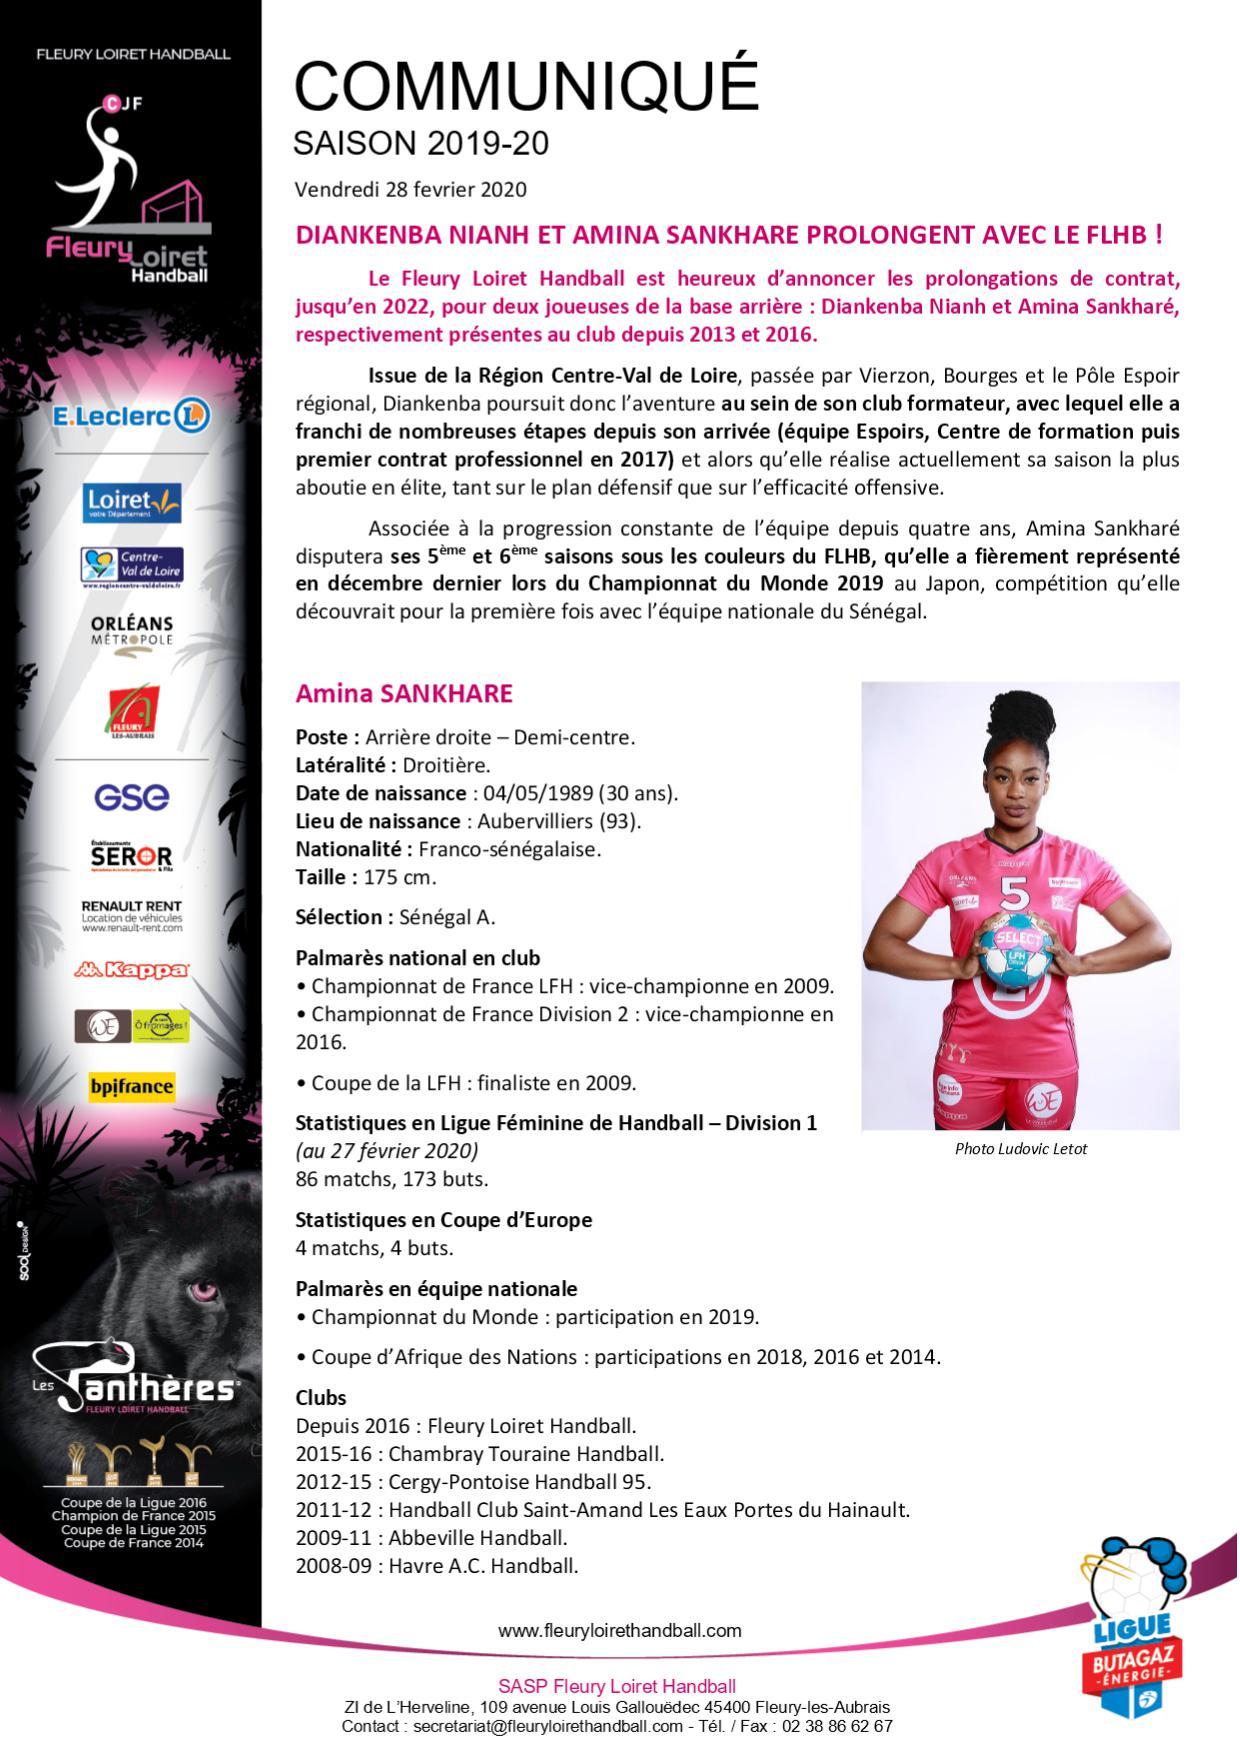 Aout 2015 - Communiqué Fleury Loiret Handball - Jeudi 27 février 20201.jpg